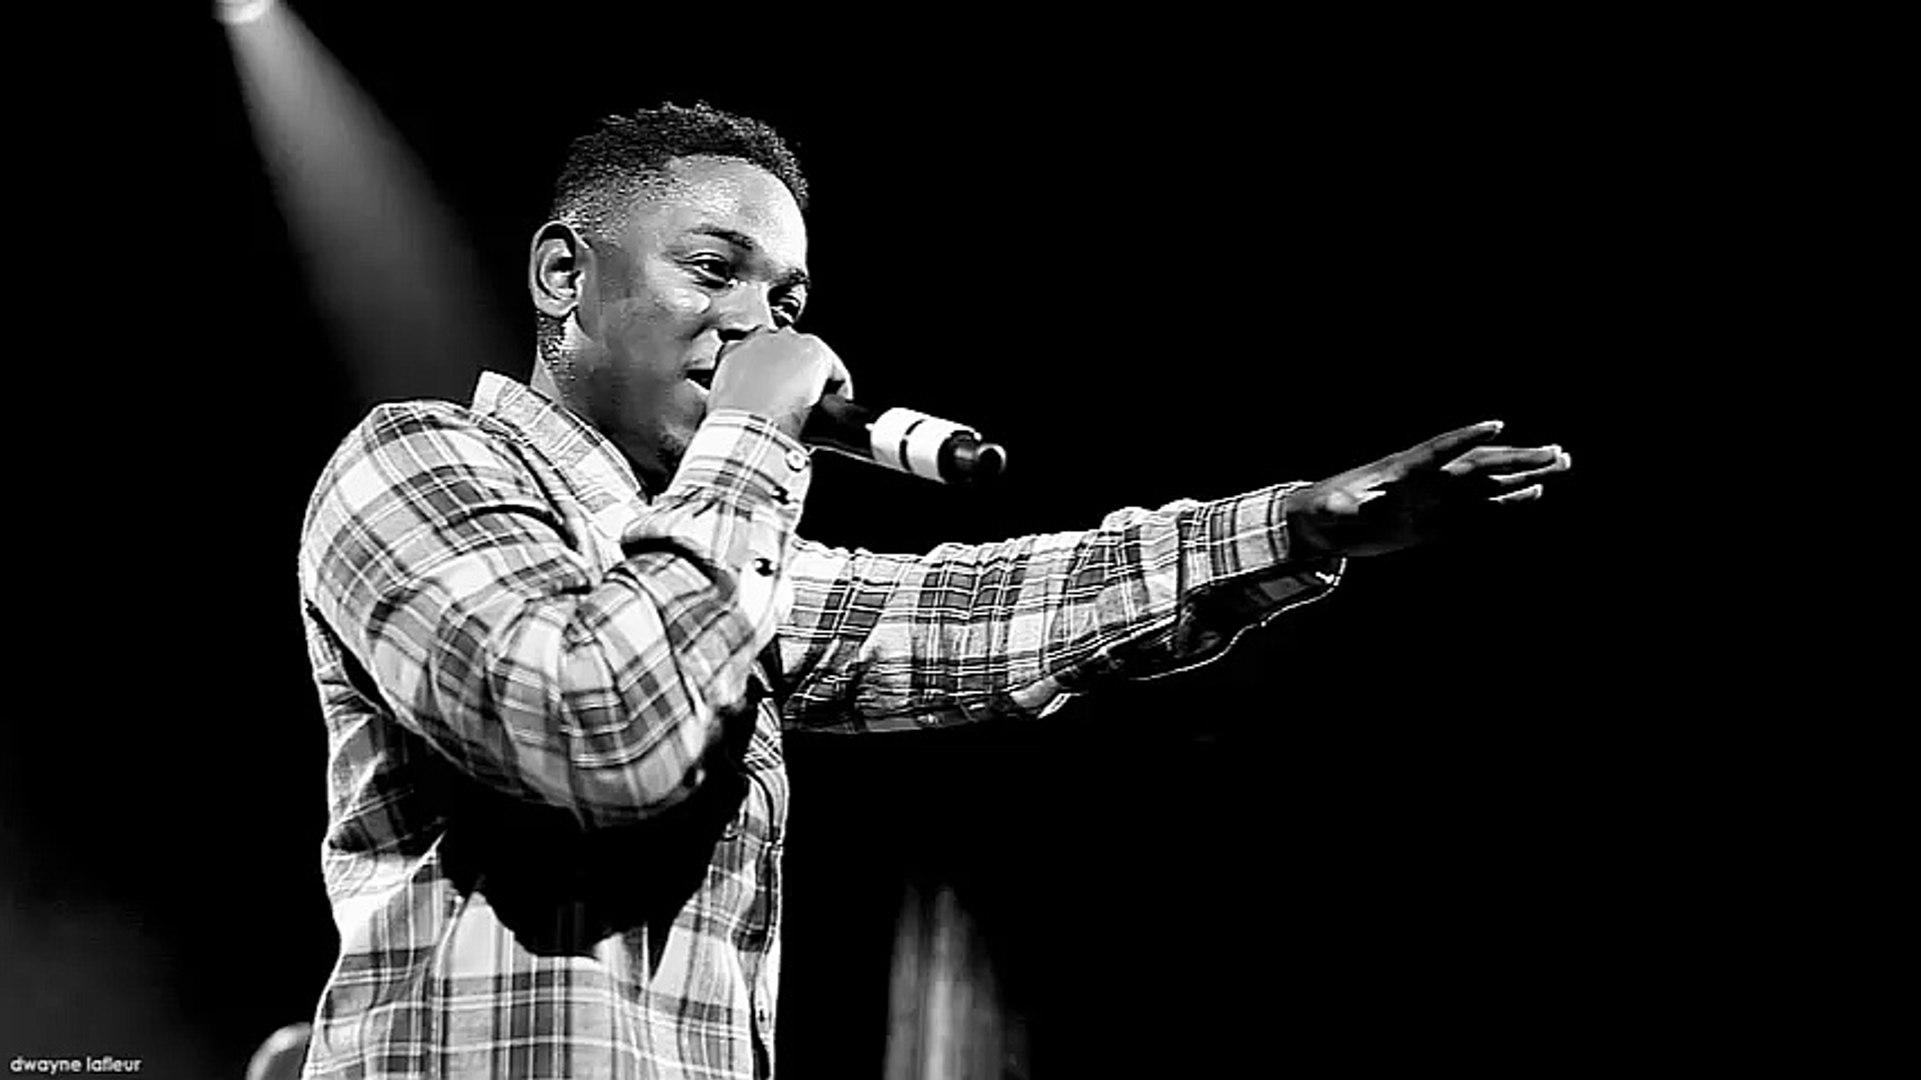 Linkin Park - Sick ft JayZ & Kendrick Lamar